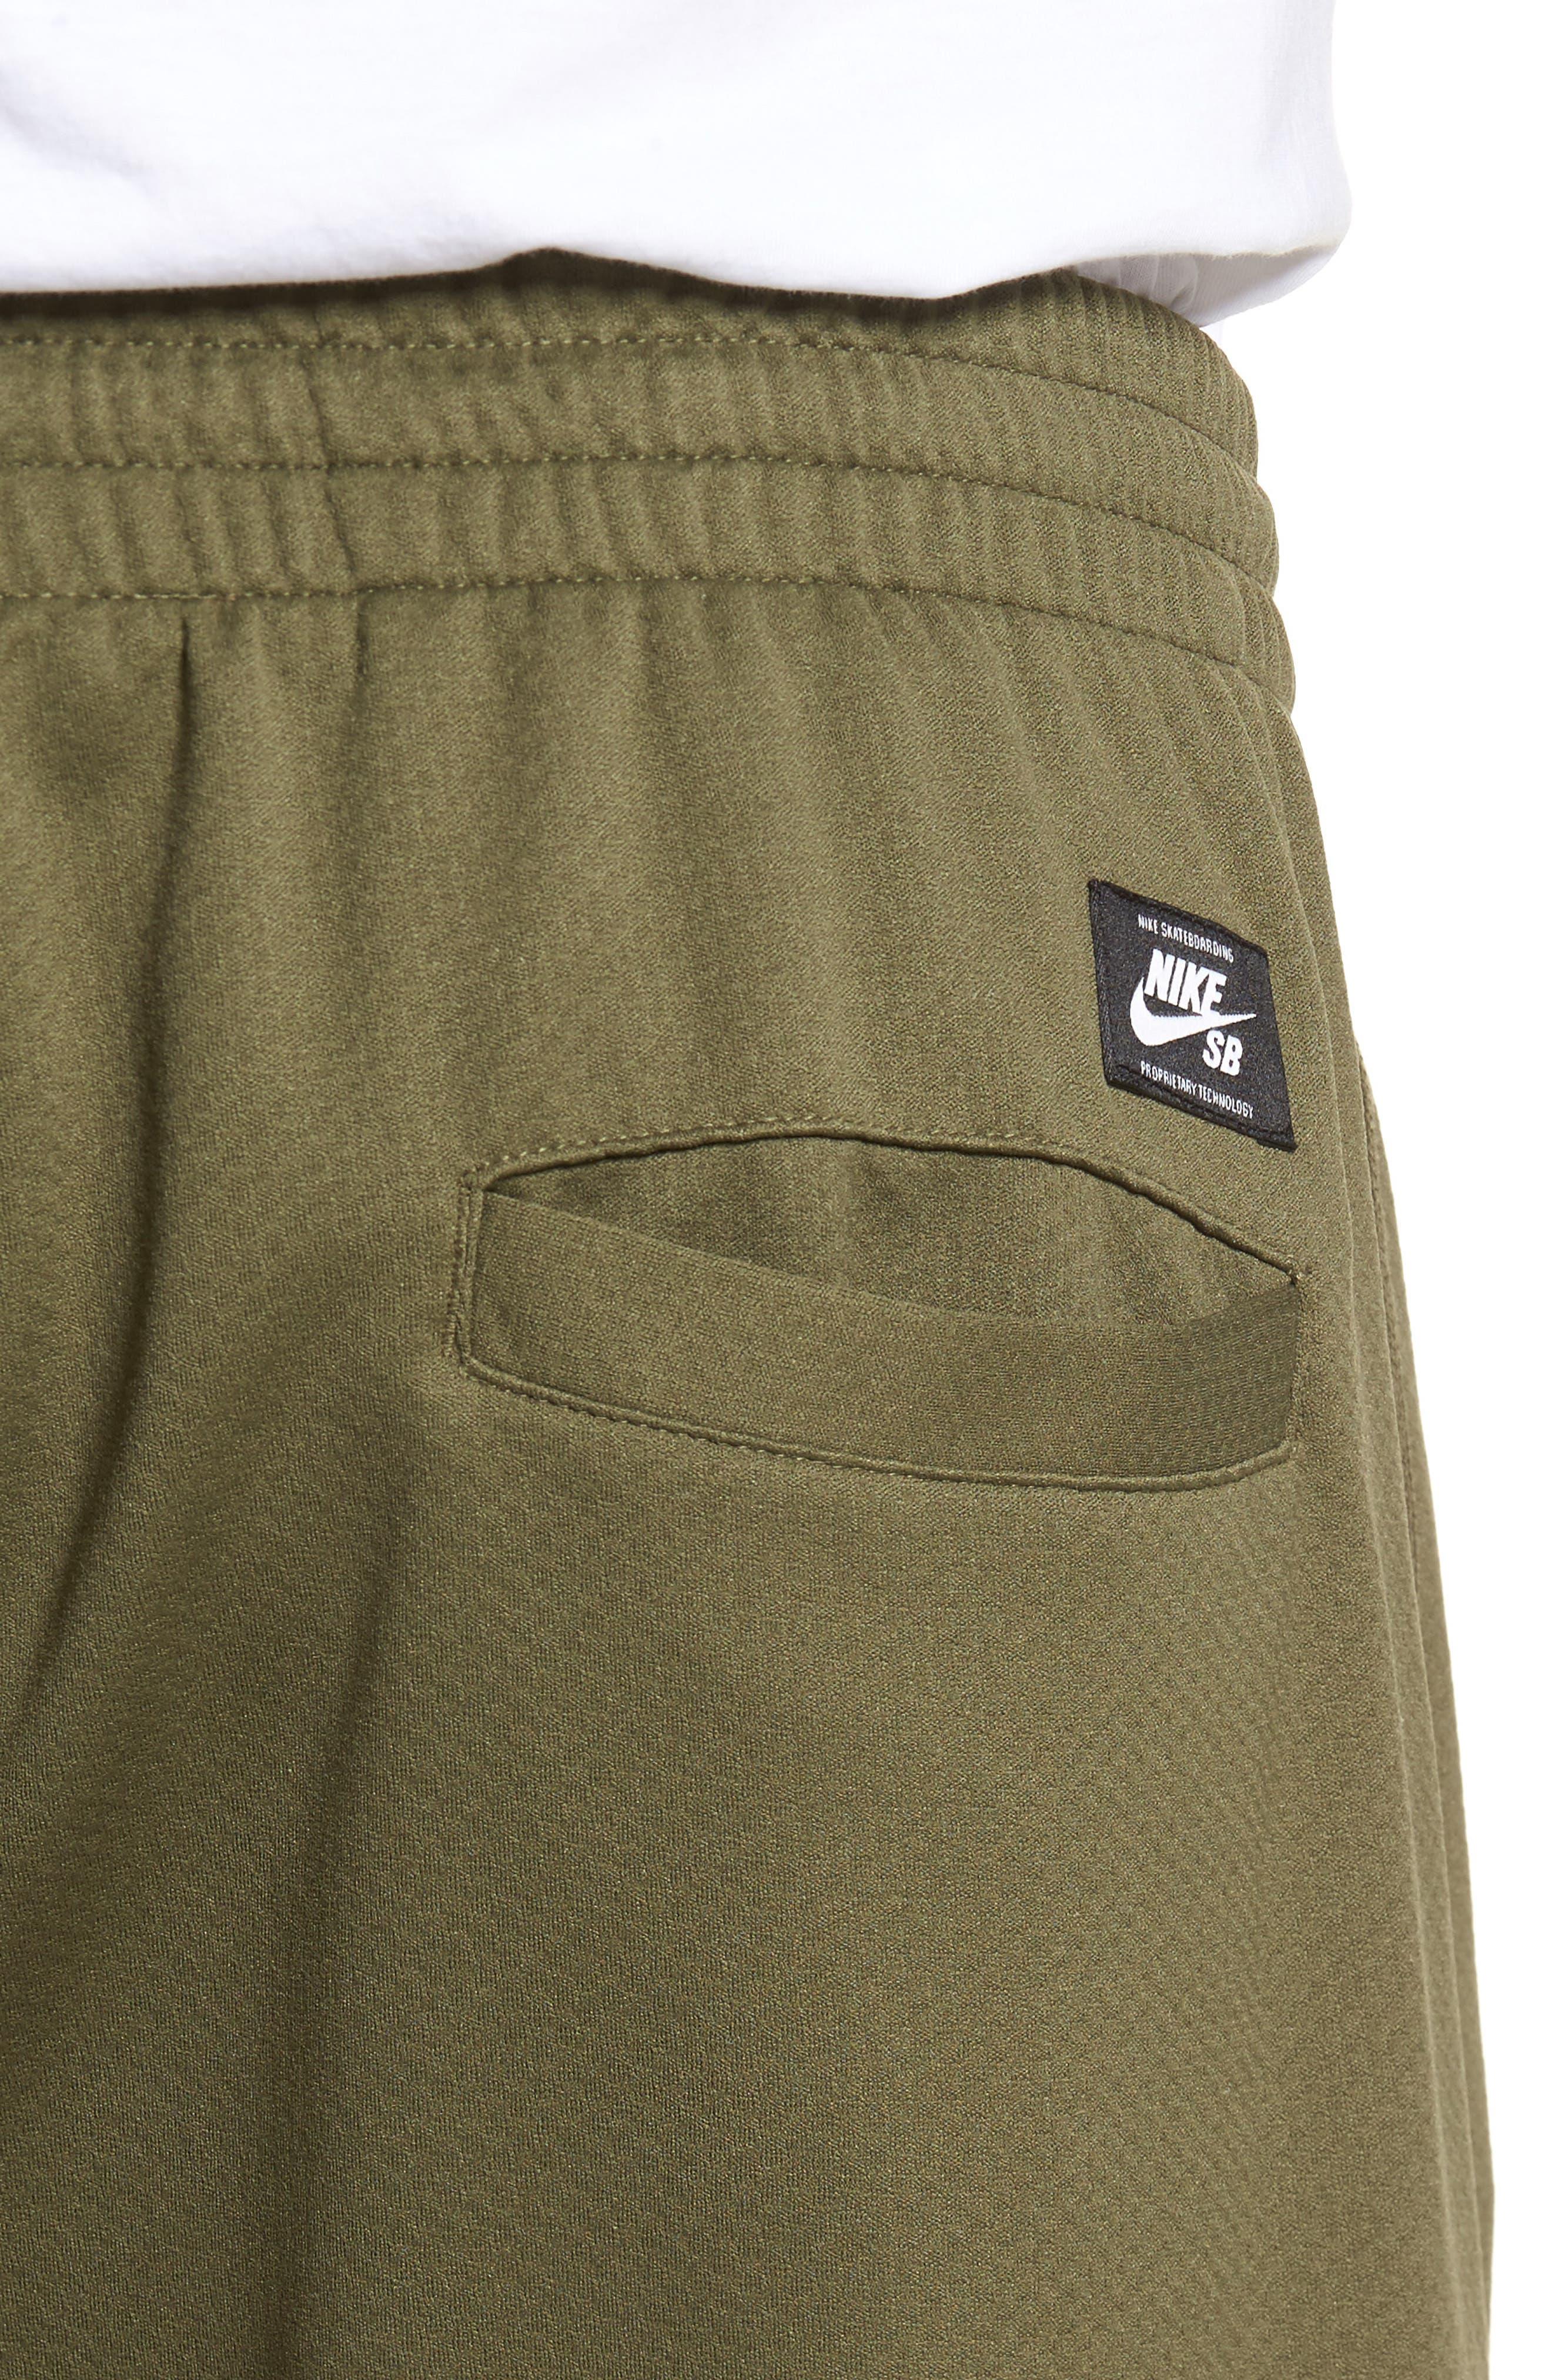 Sunday Dri-FIT Shorts,                             Alternate thumbnail 39, color,